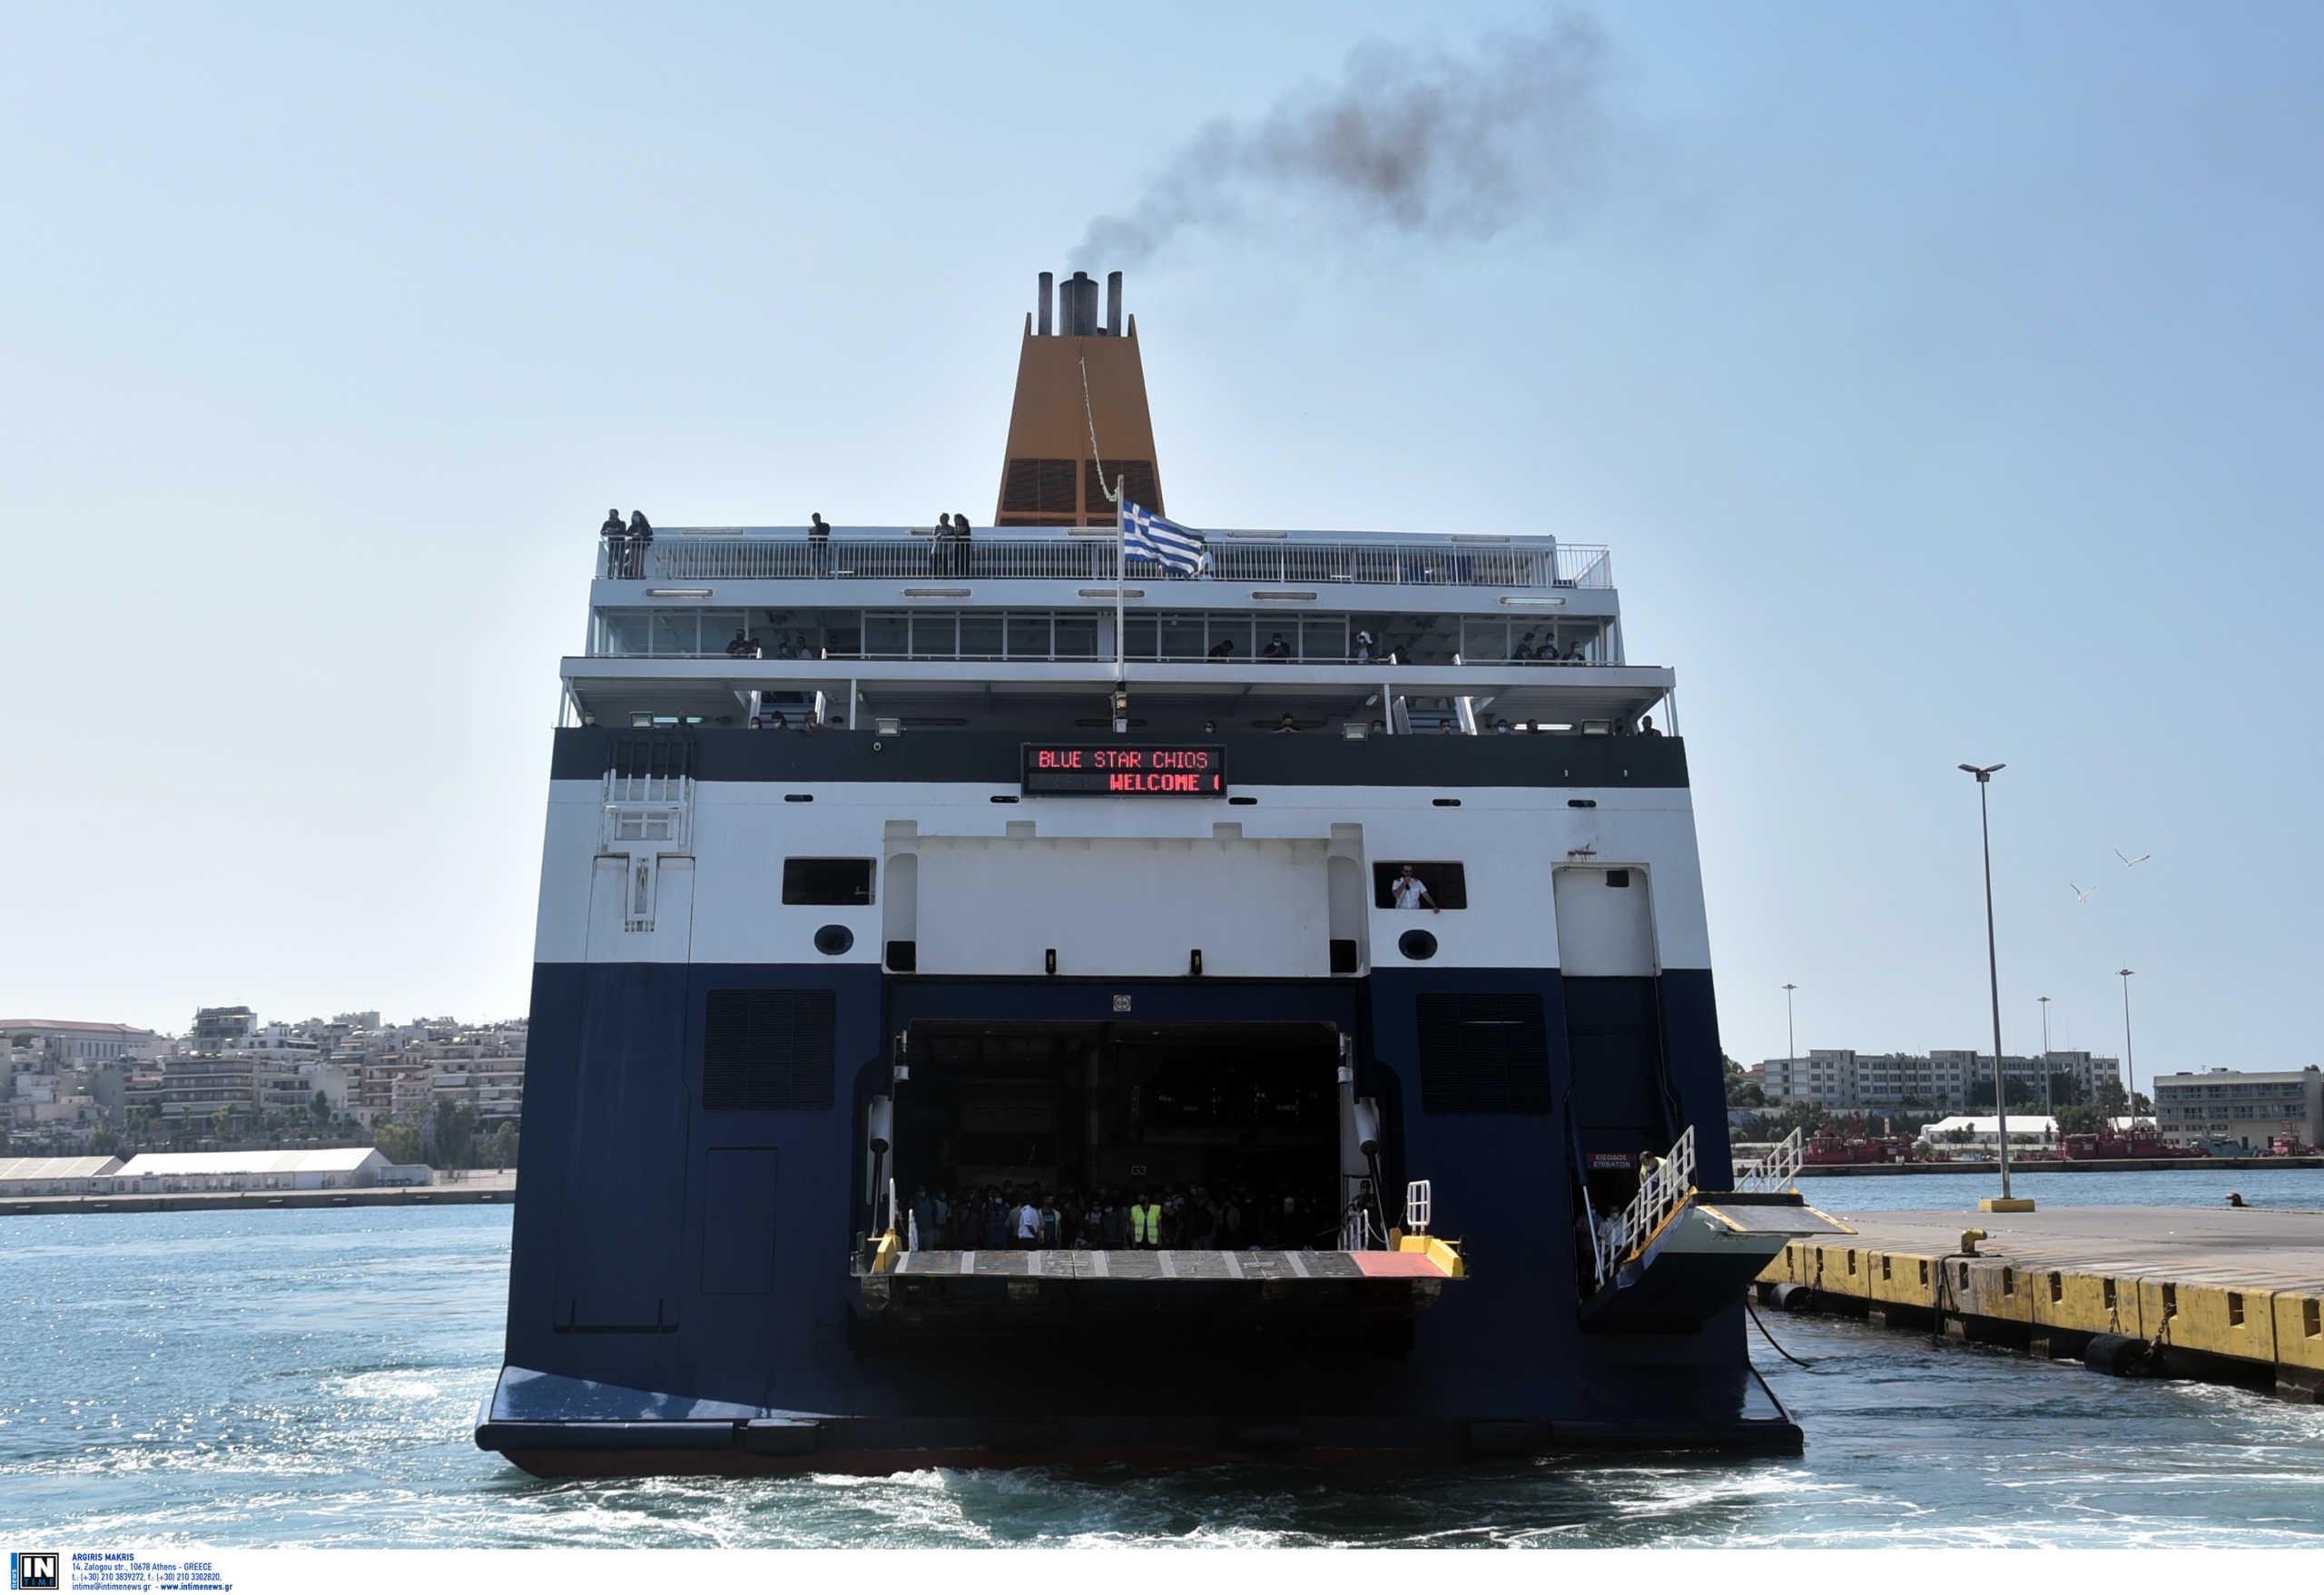 Lockdown: Διευκρινίσεις του Λιμενικού για τα δρομολόγια με πλοία – Πότε επιτρέπονται